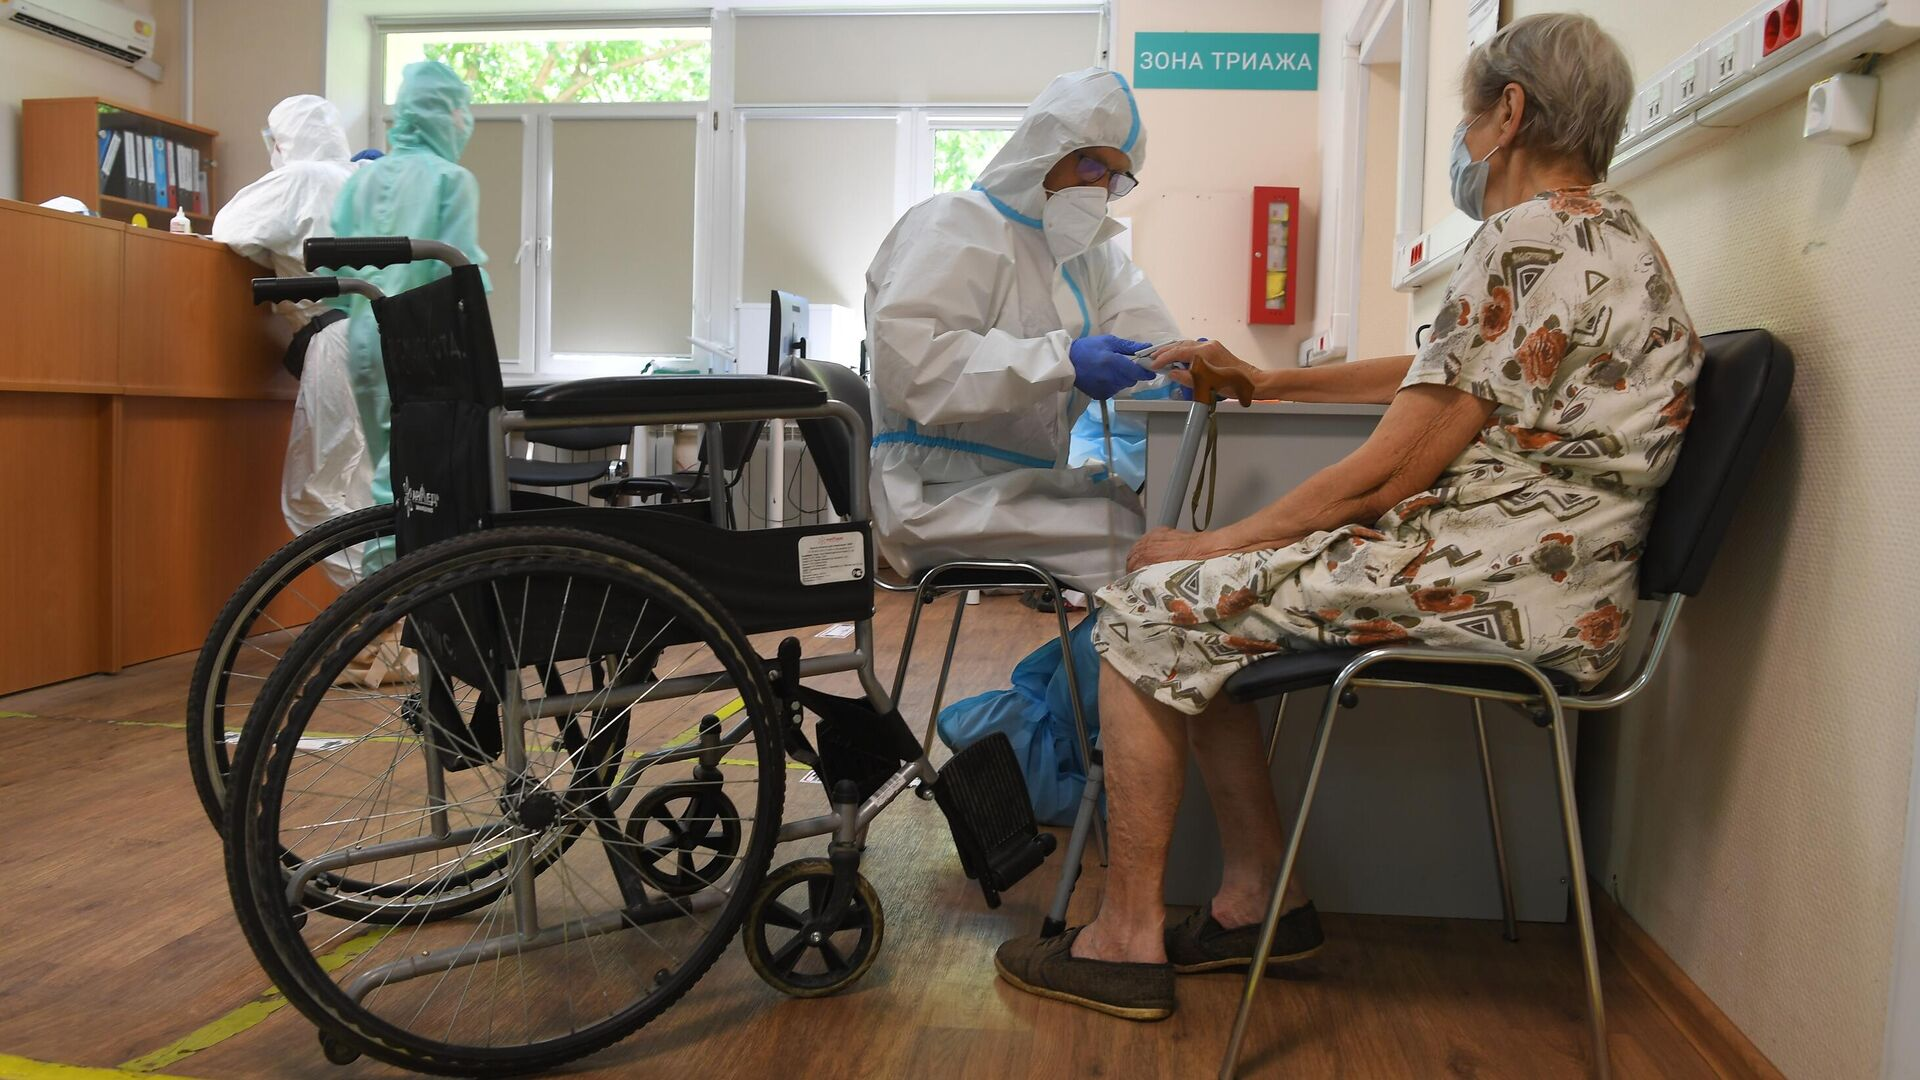 Медицинский работник с пациентом в госпитале COVID-19 в городской клинической больнице № 52 в Москве - РИА Новости, 1920, 03.08.2021